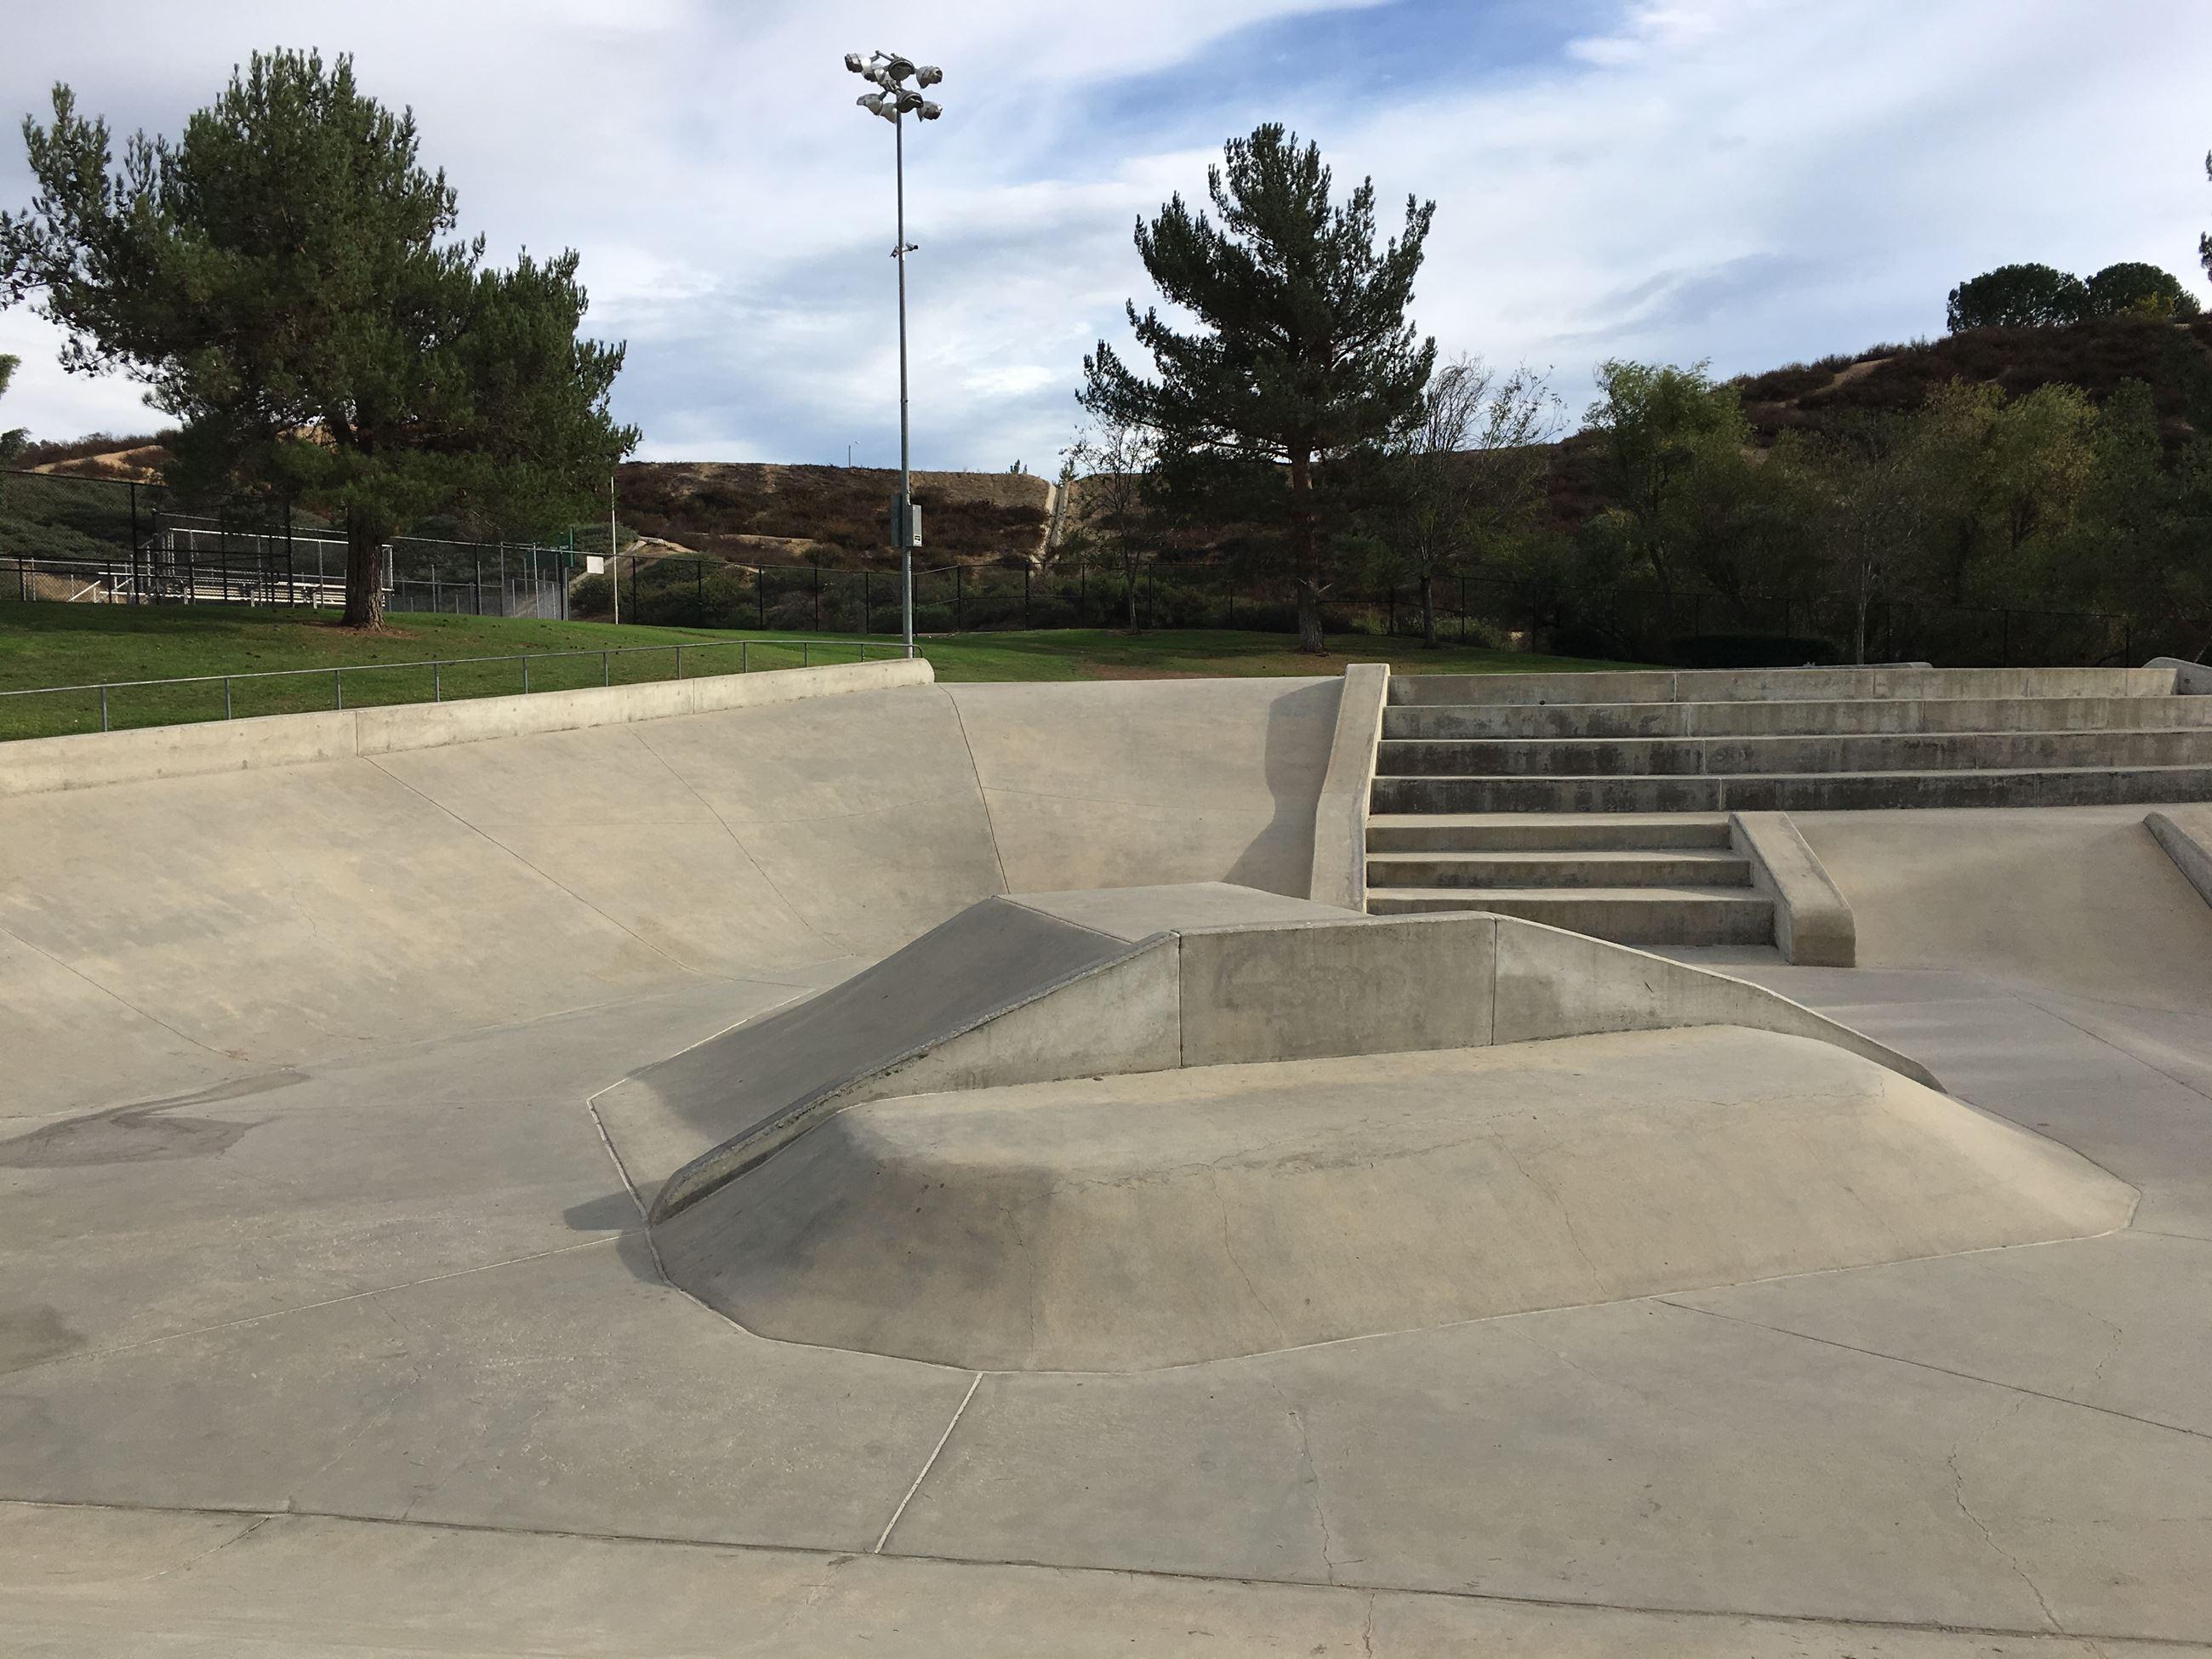 temecula skate park temecula ca